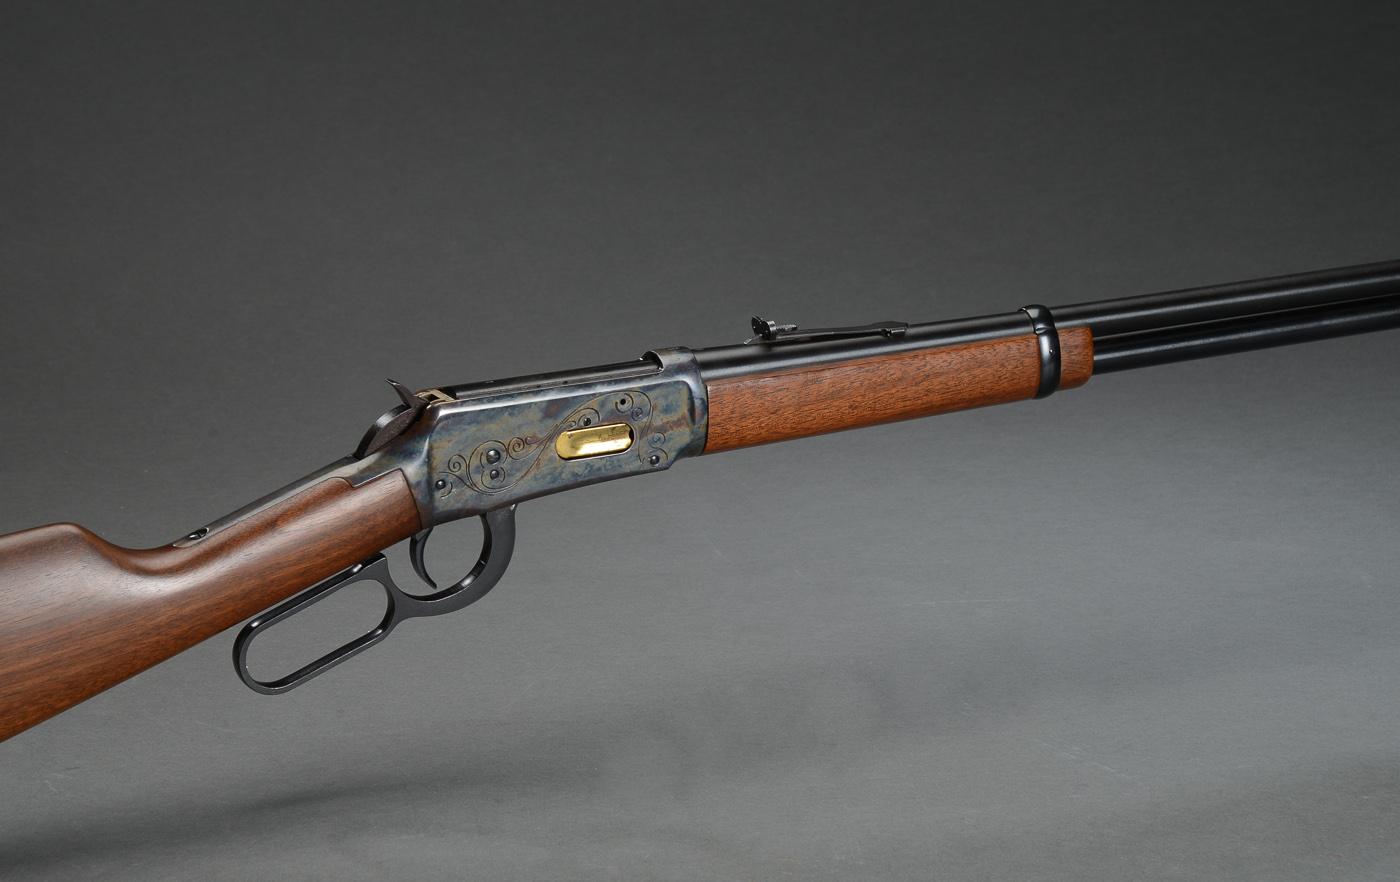 Winchester riffel mod. 94 kal. 30-30 - Riffel. Winchester model 94. Kaliber 30.30. Leveraction (repeter) ladesystem. Våbennummer: 4523515. Pibelængde 50 cm. Totallængde: 96,5 cm. Våbnet fremstår ren i brunering. Våbnet har kun minimale brugsspor. Våbentilladelse kræves